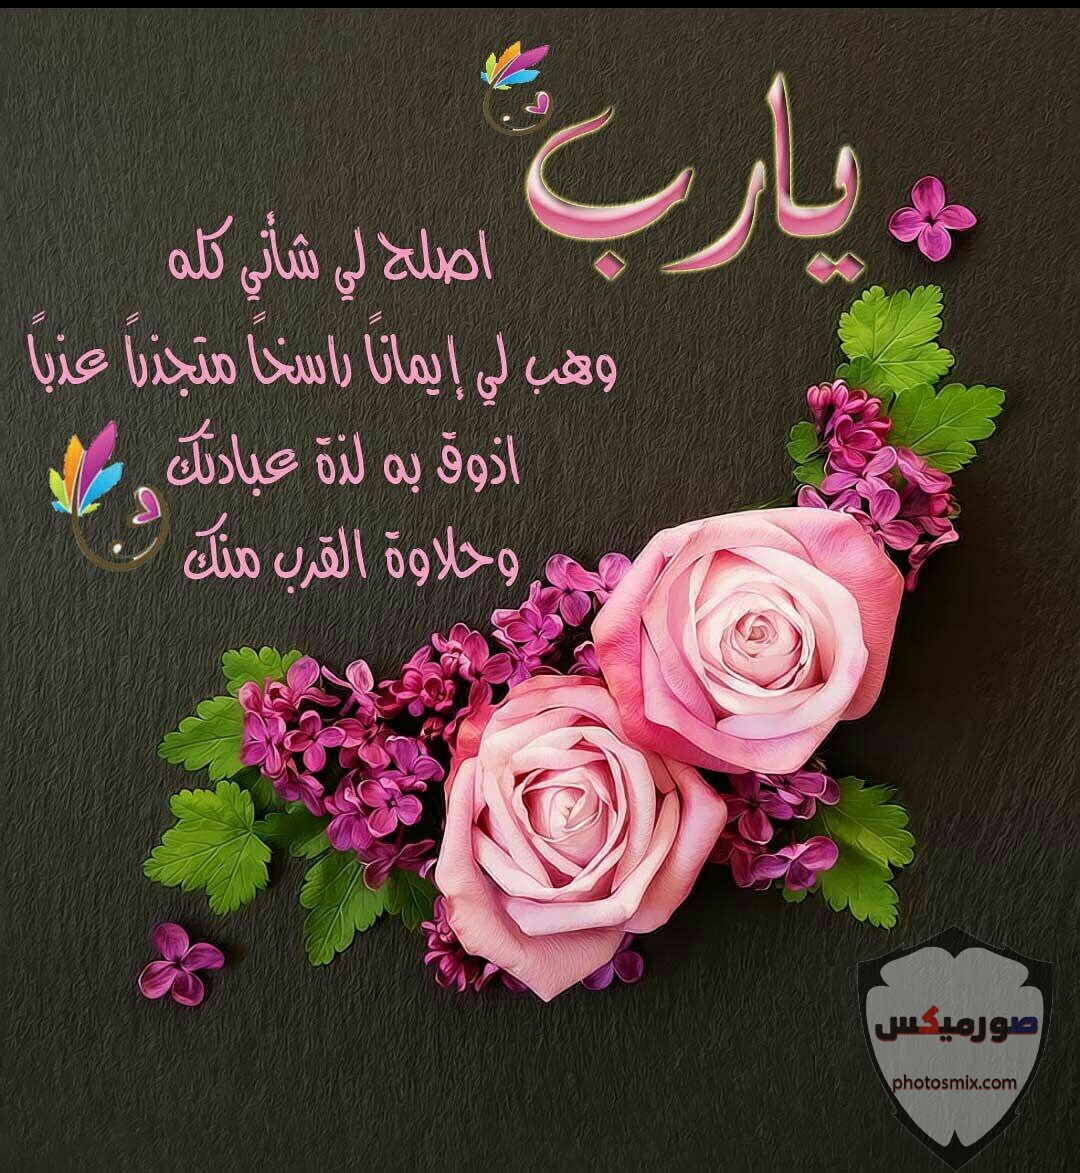 خلفيات دينية جميلة اجمل الصور والخلفيات الاسلامية 2020 تحميل صور دينية للموبايل 13